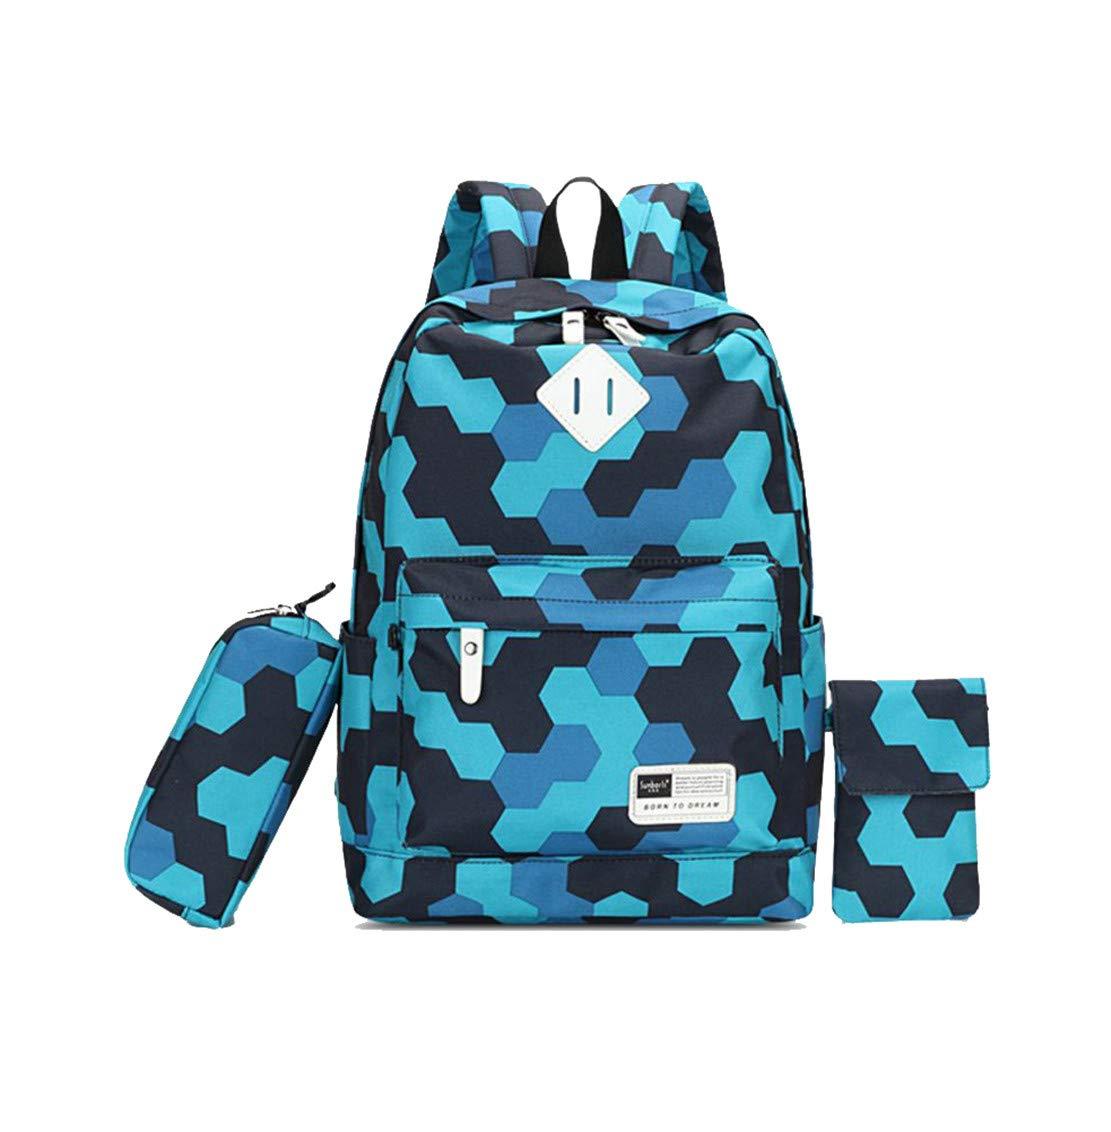 Skudy Dreiteiliger Anzug Anzug Anzug Daypacks Damen Casual Rucksack Nylon Backpack DruckenLaptop Schulrucksack Groß Schoolbag B07L8BQ1G5 Daypacks Britisches Temperament e1dbac